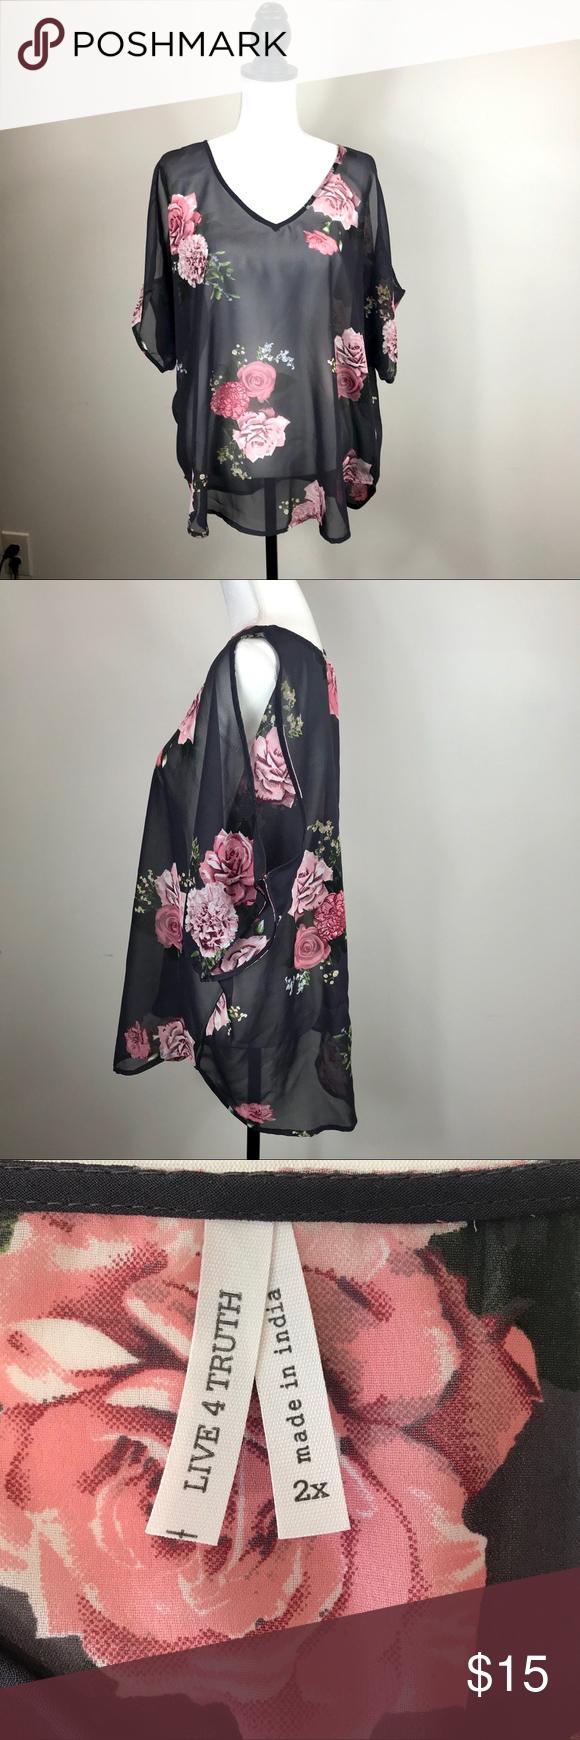 LIVE4TRUTH Off the Shoulder Short Sleeve Black Floral Duster Cardigan